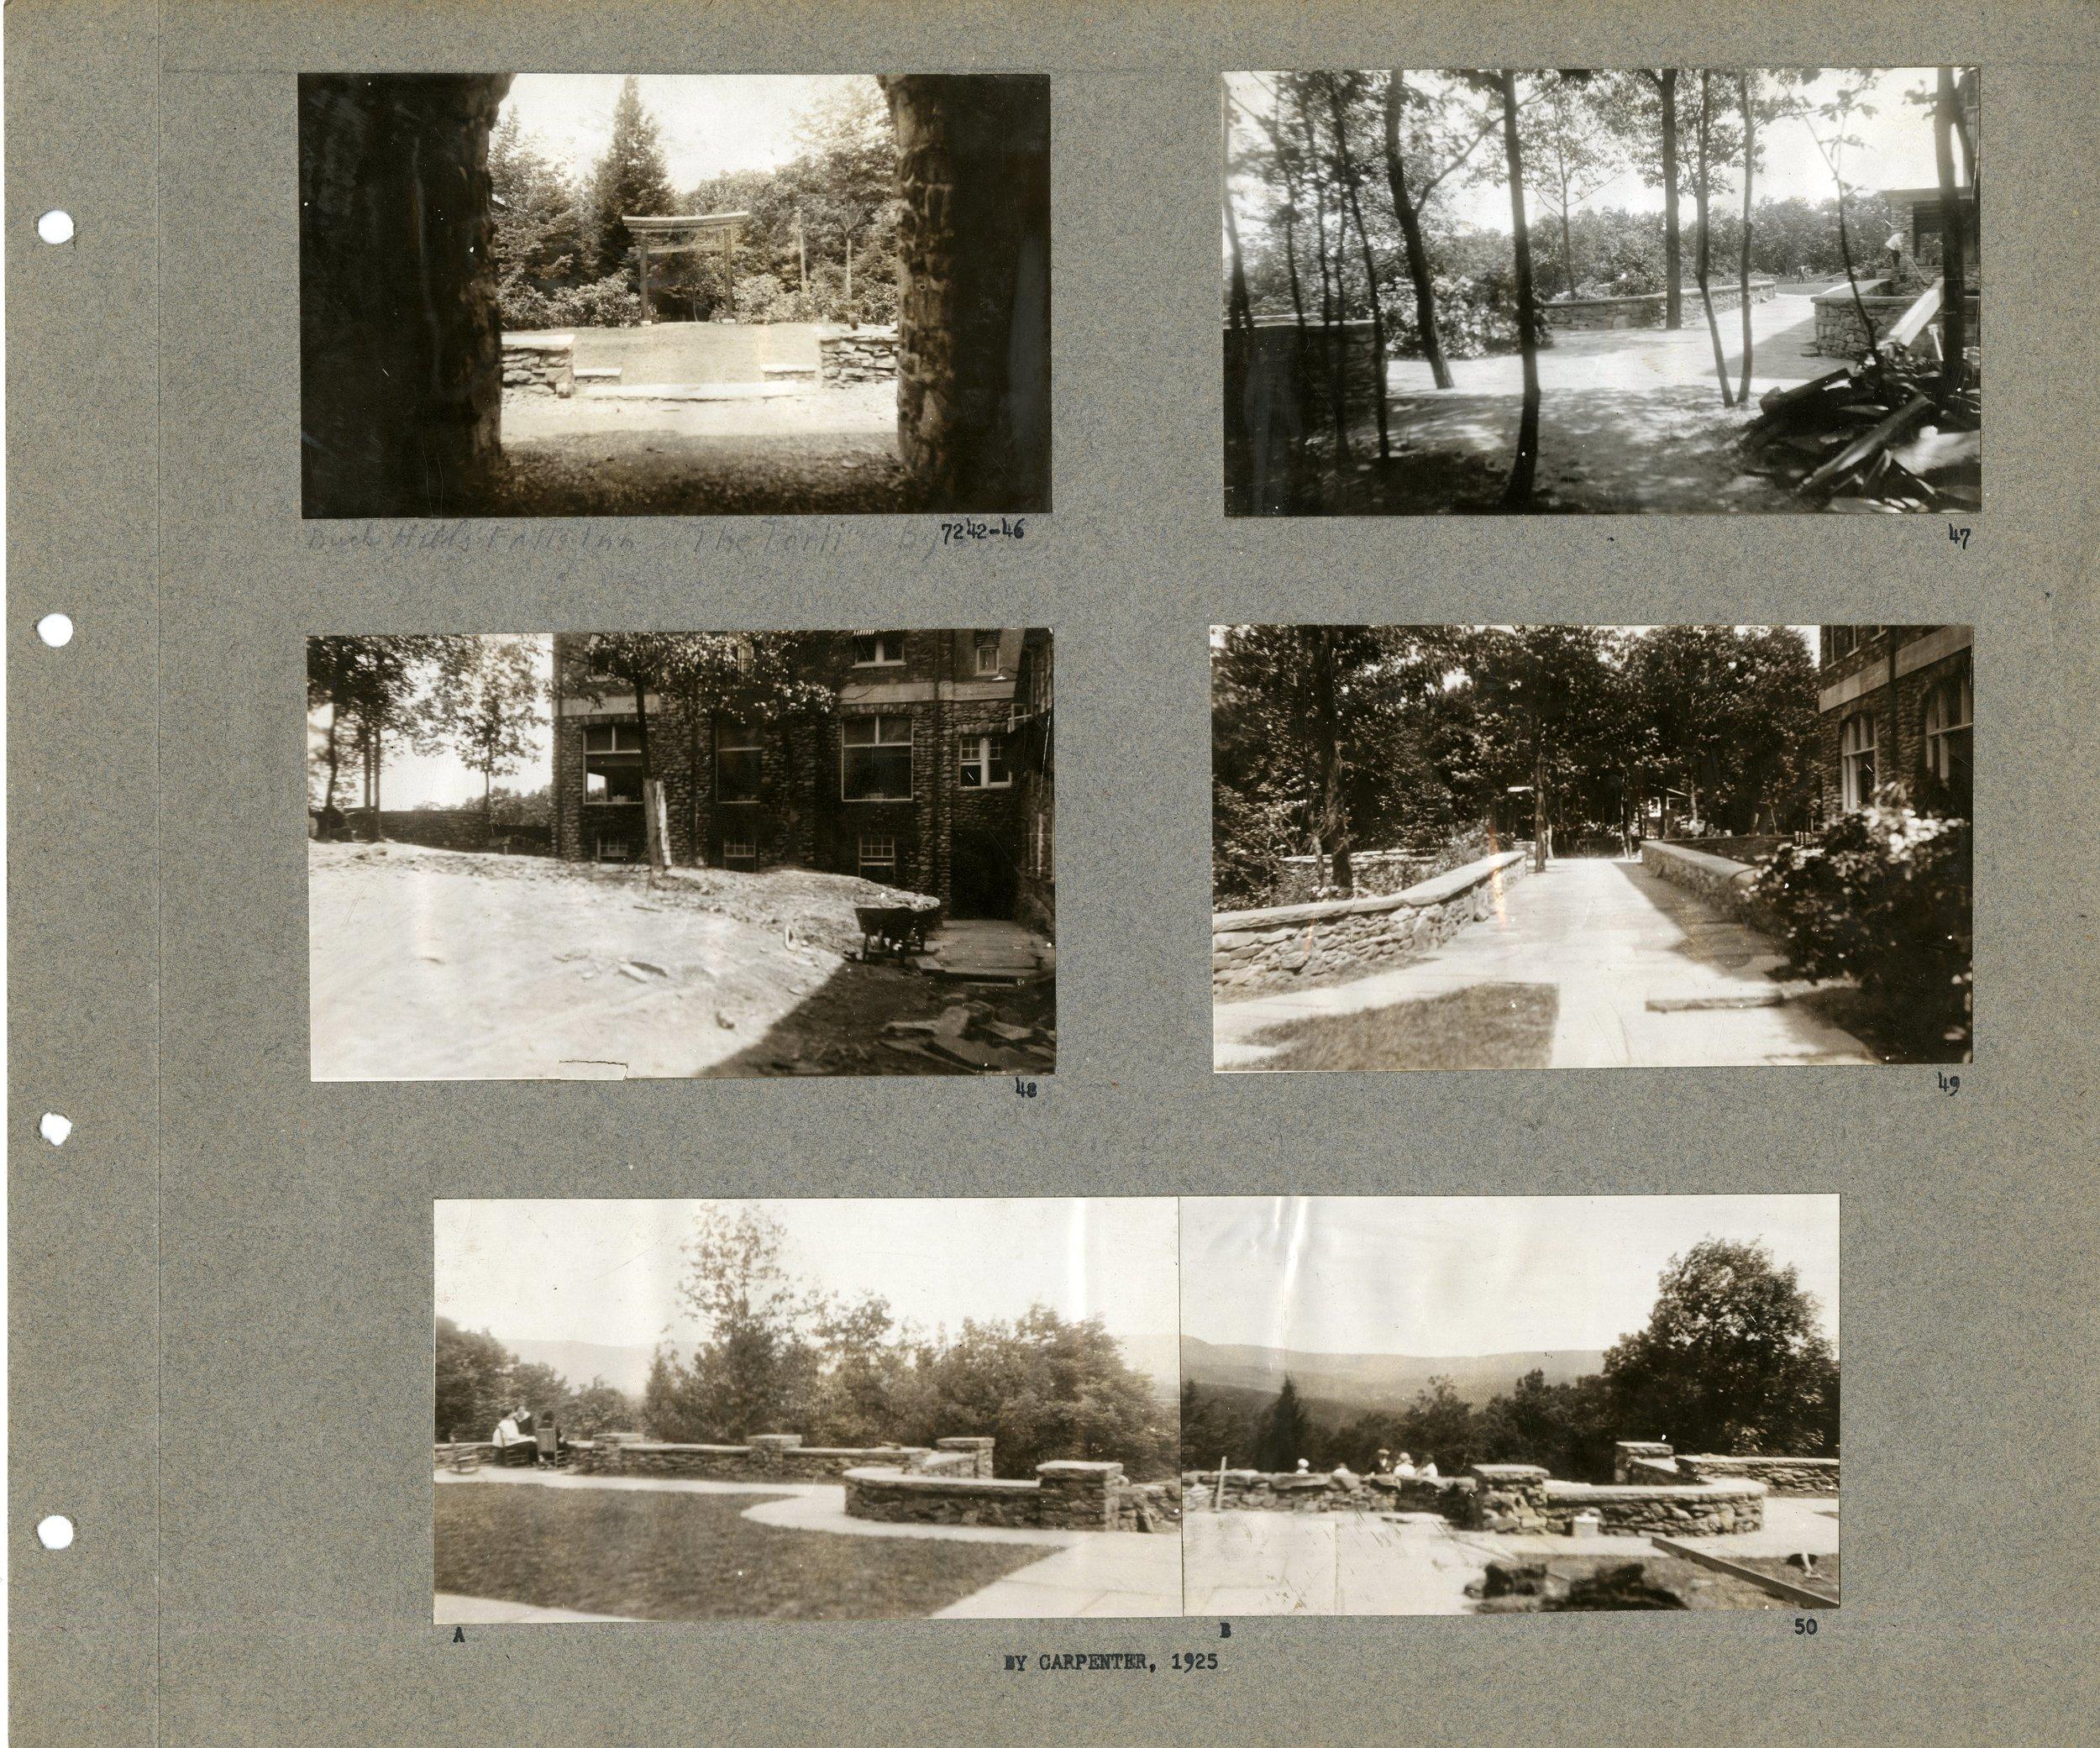 photo album 007242-1-p13.jpg